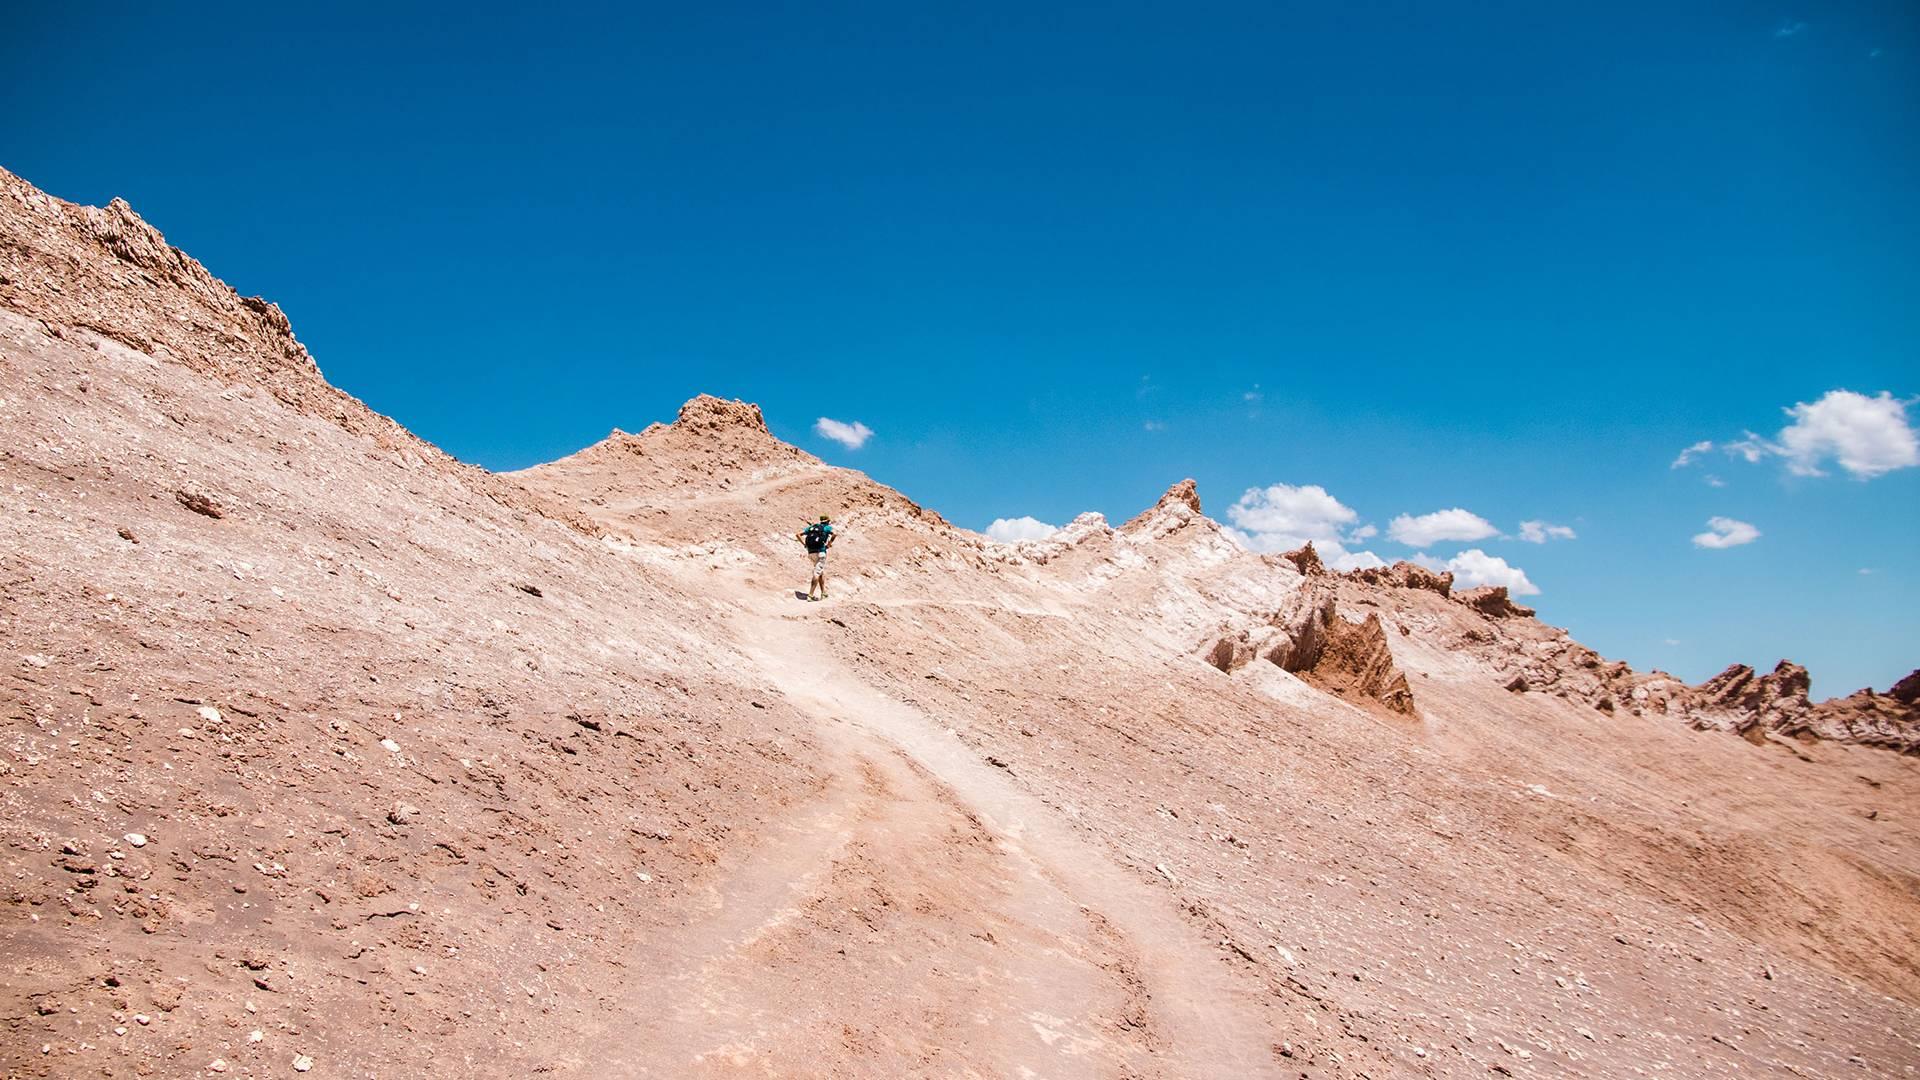 Photo 3: La vallée de la lune - Atacama désert